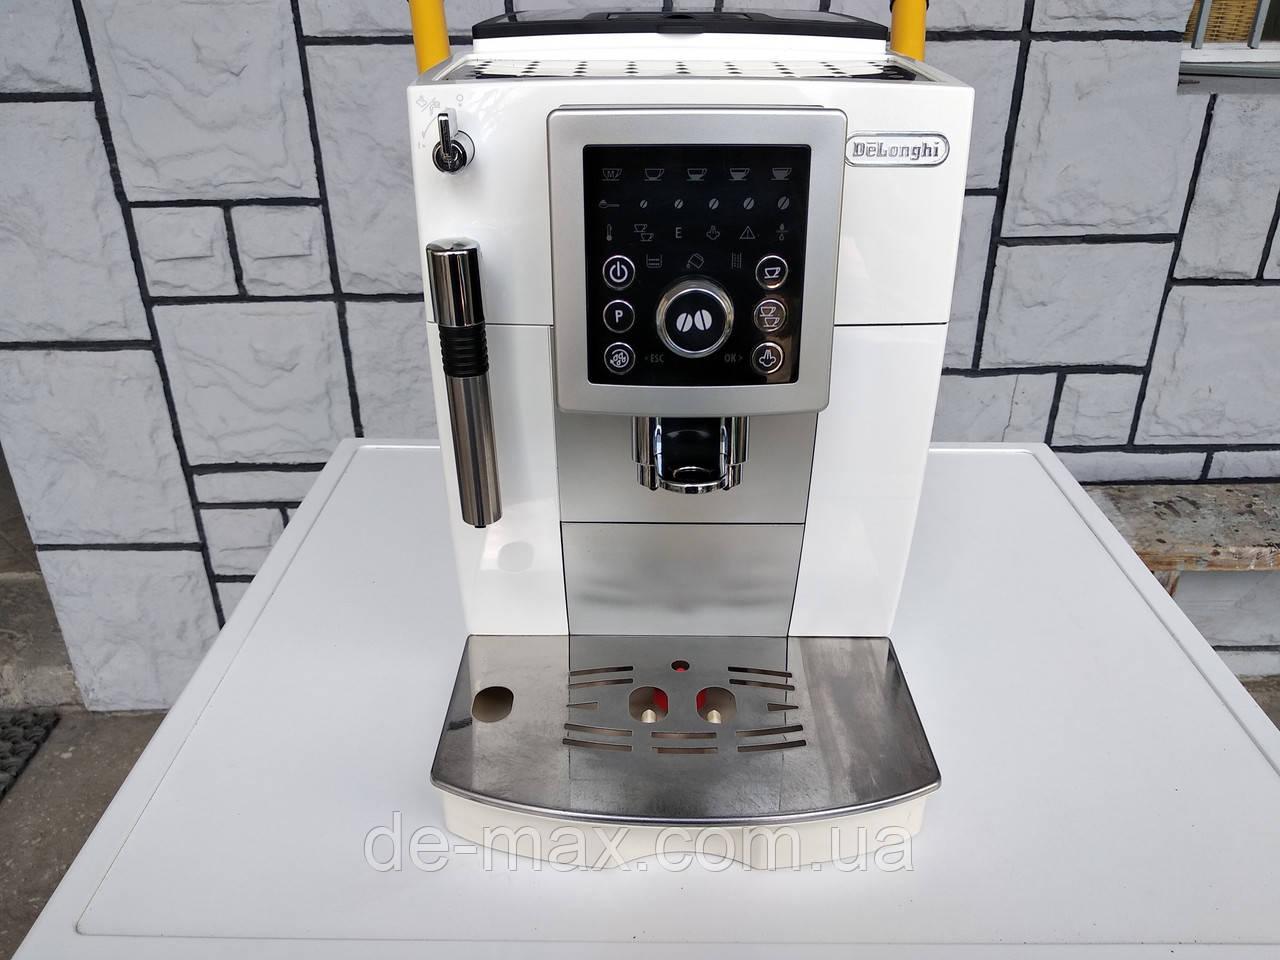 Кофеварка кофемашина Делонги Delonghi ECAM 23.210 белая